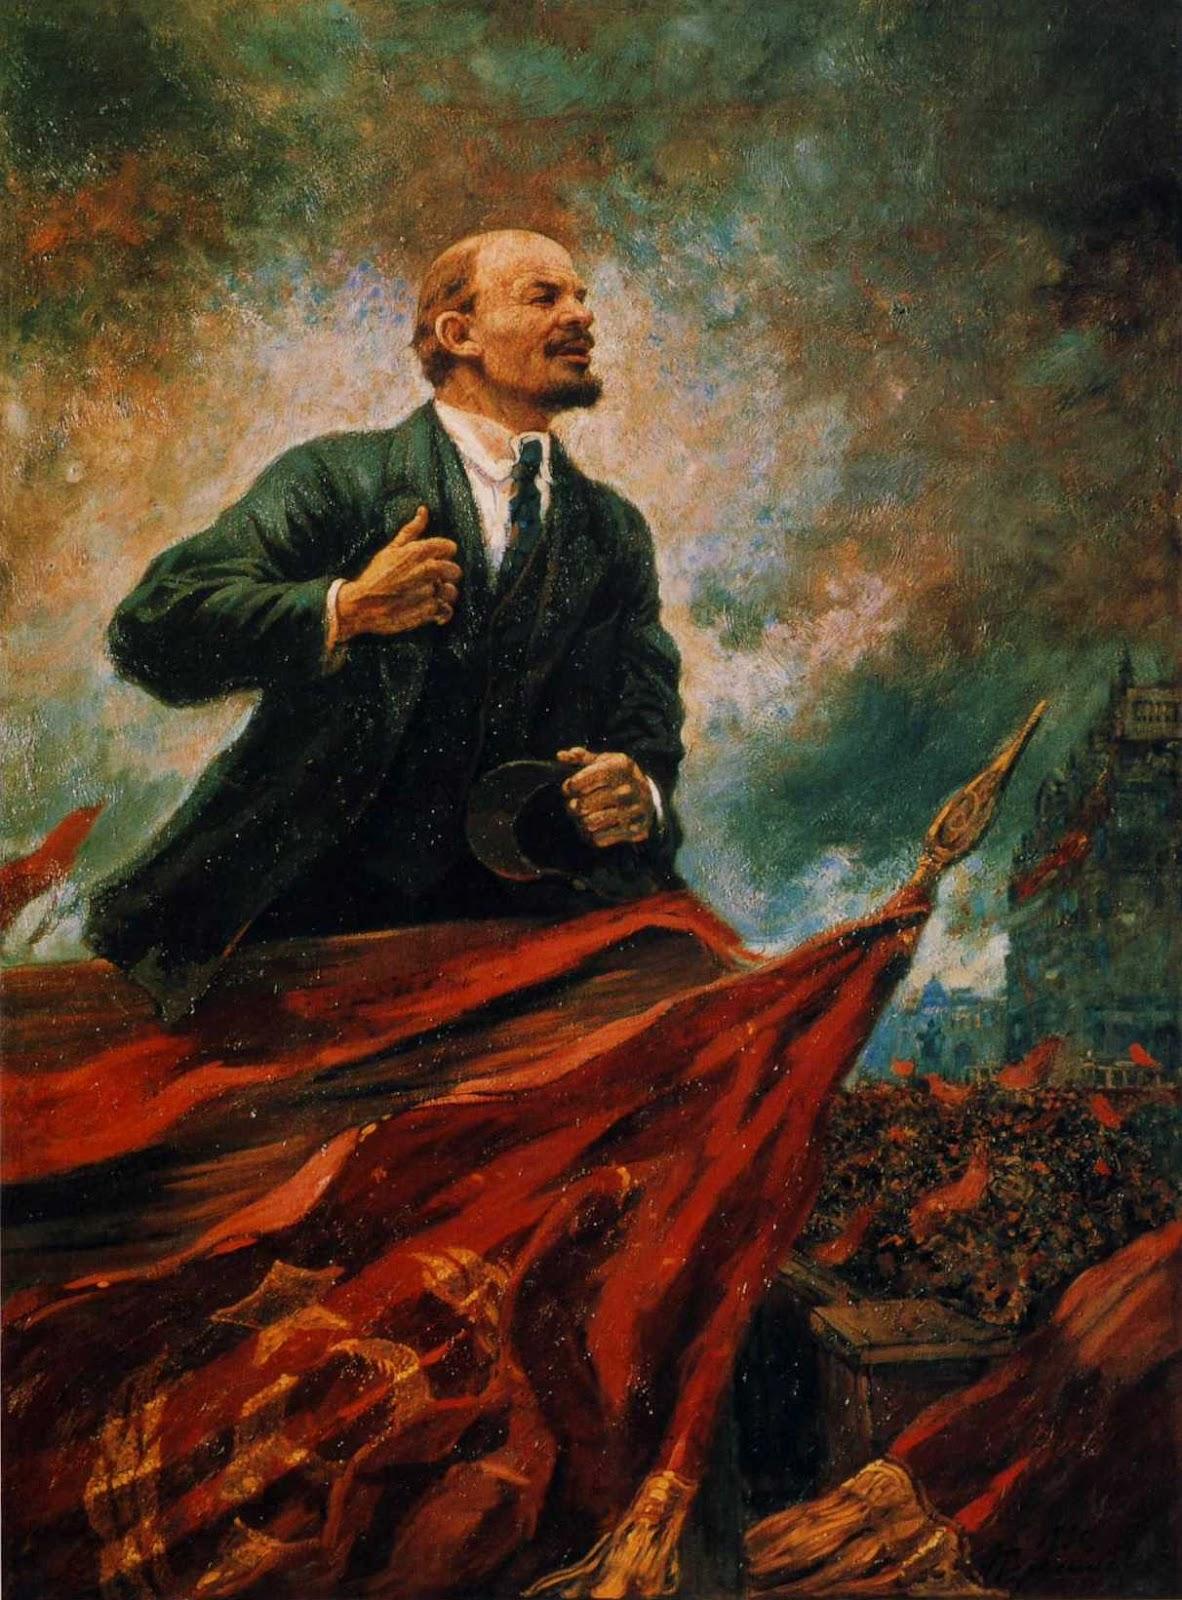 身在襁褓便震撼世界?令世界颤抖的苏联到底是如何一步步形成的?